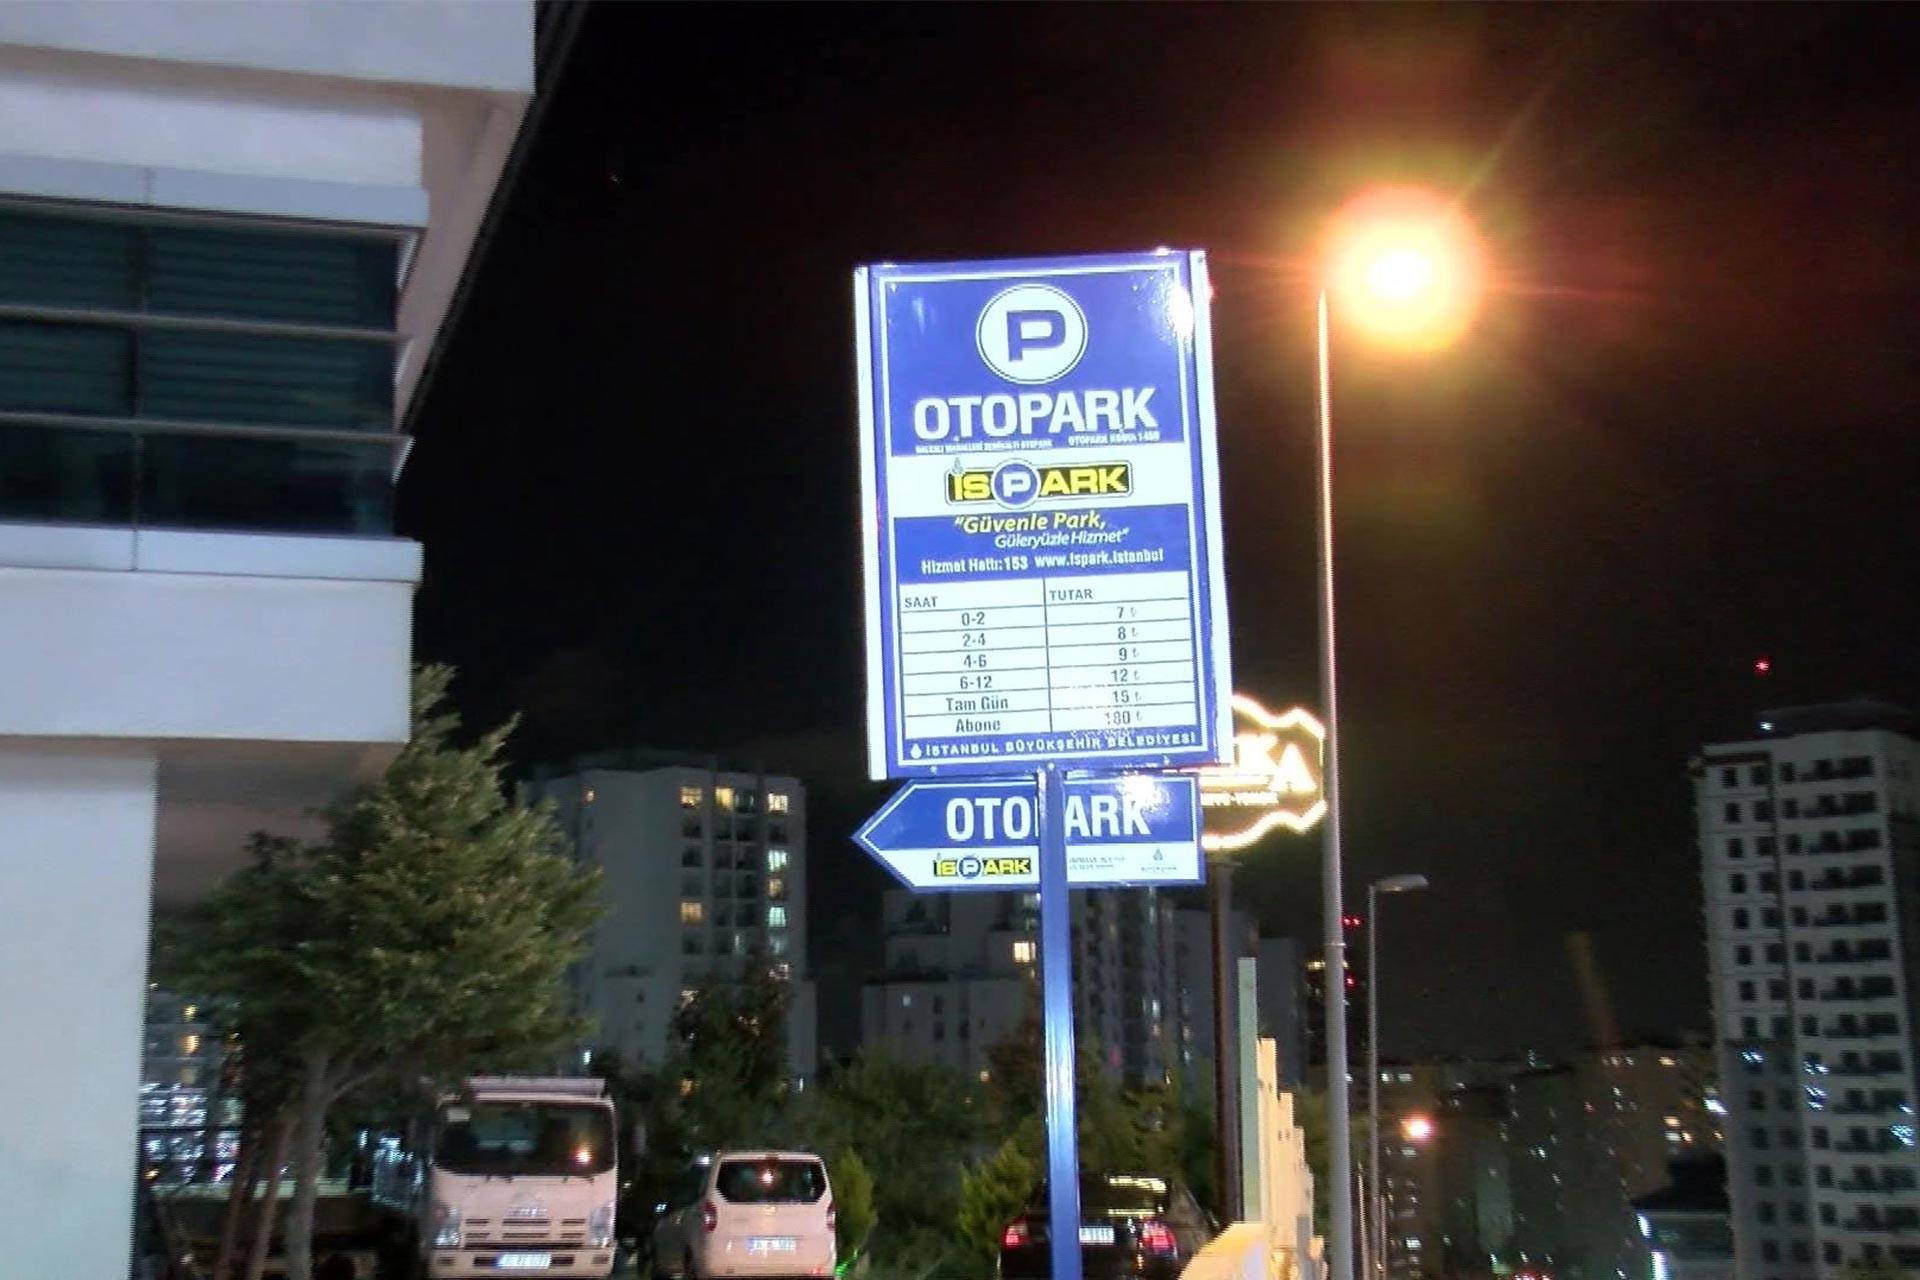 İstanbul'da 91 değnekçi yakalandı; 108 lira ceza ile serbest kaldılar